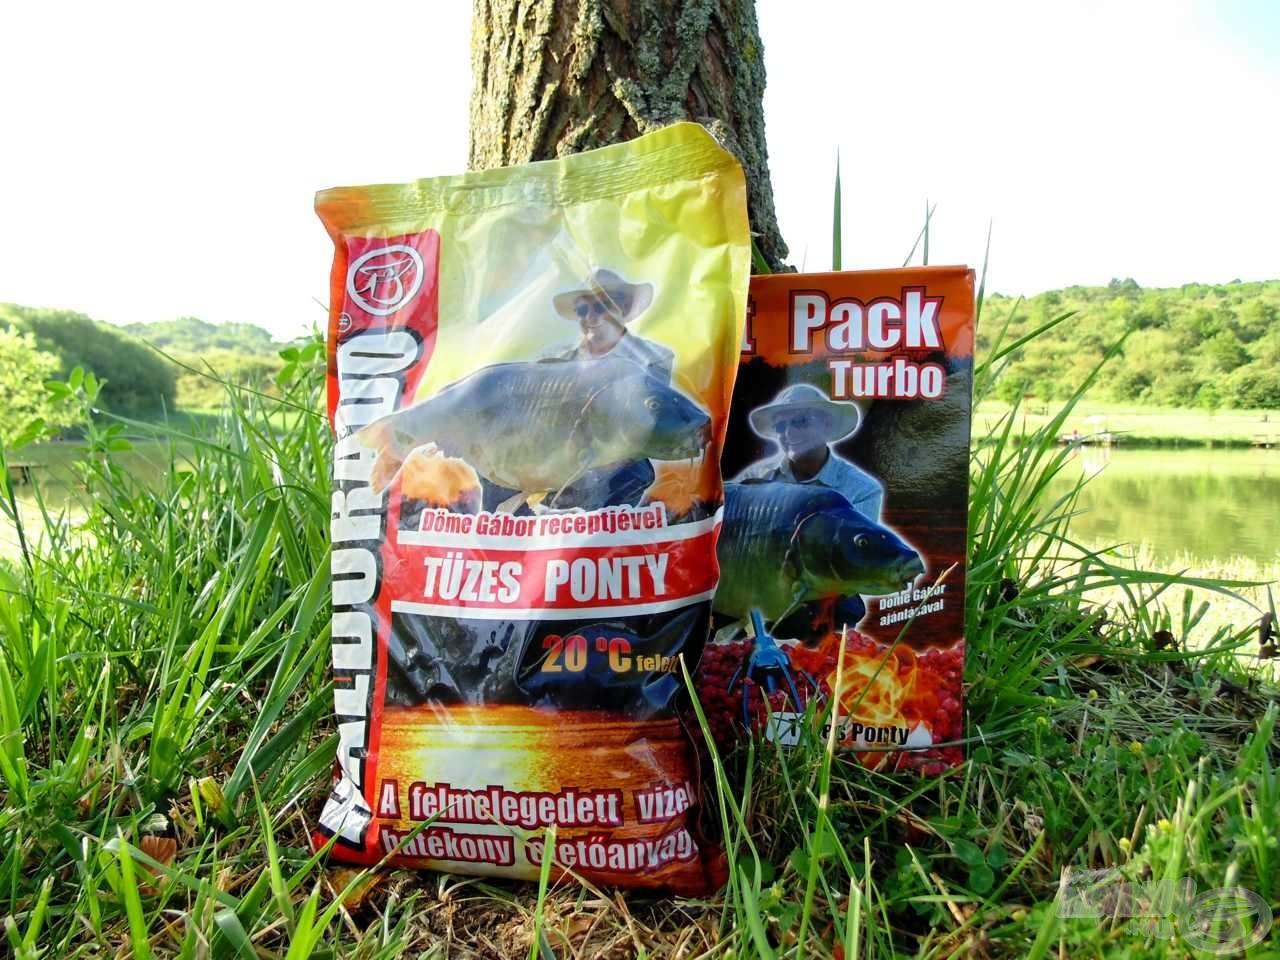 A Tüzes Ponty széria kifejezetten a kánikulai horgászatokon lehet eredményes